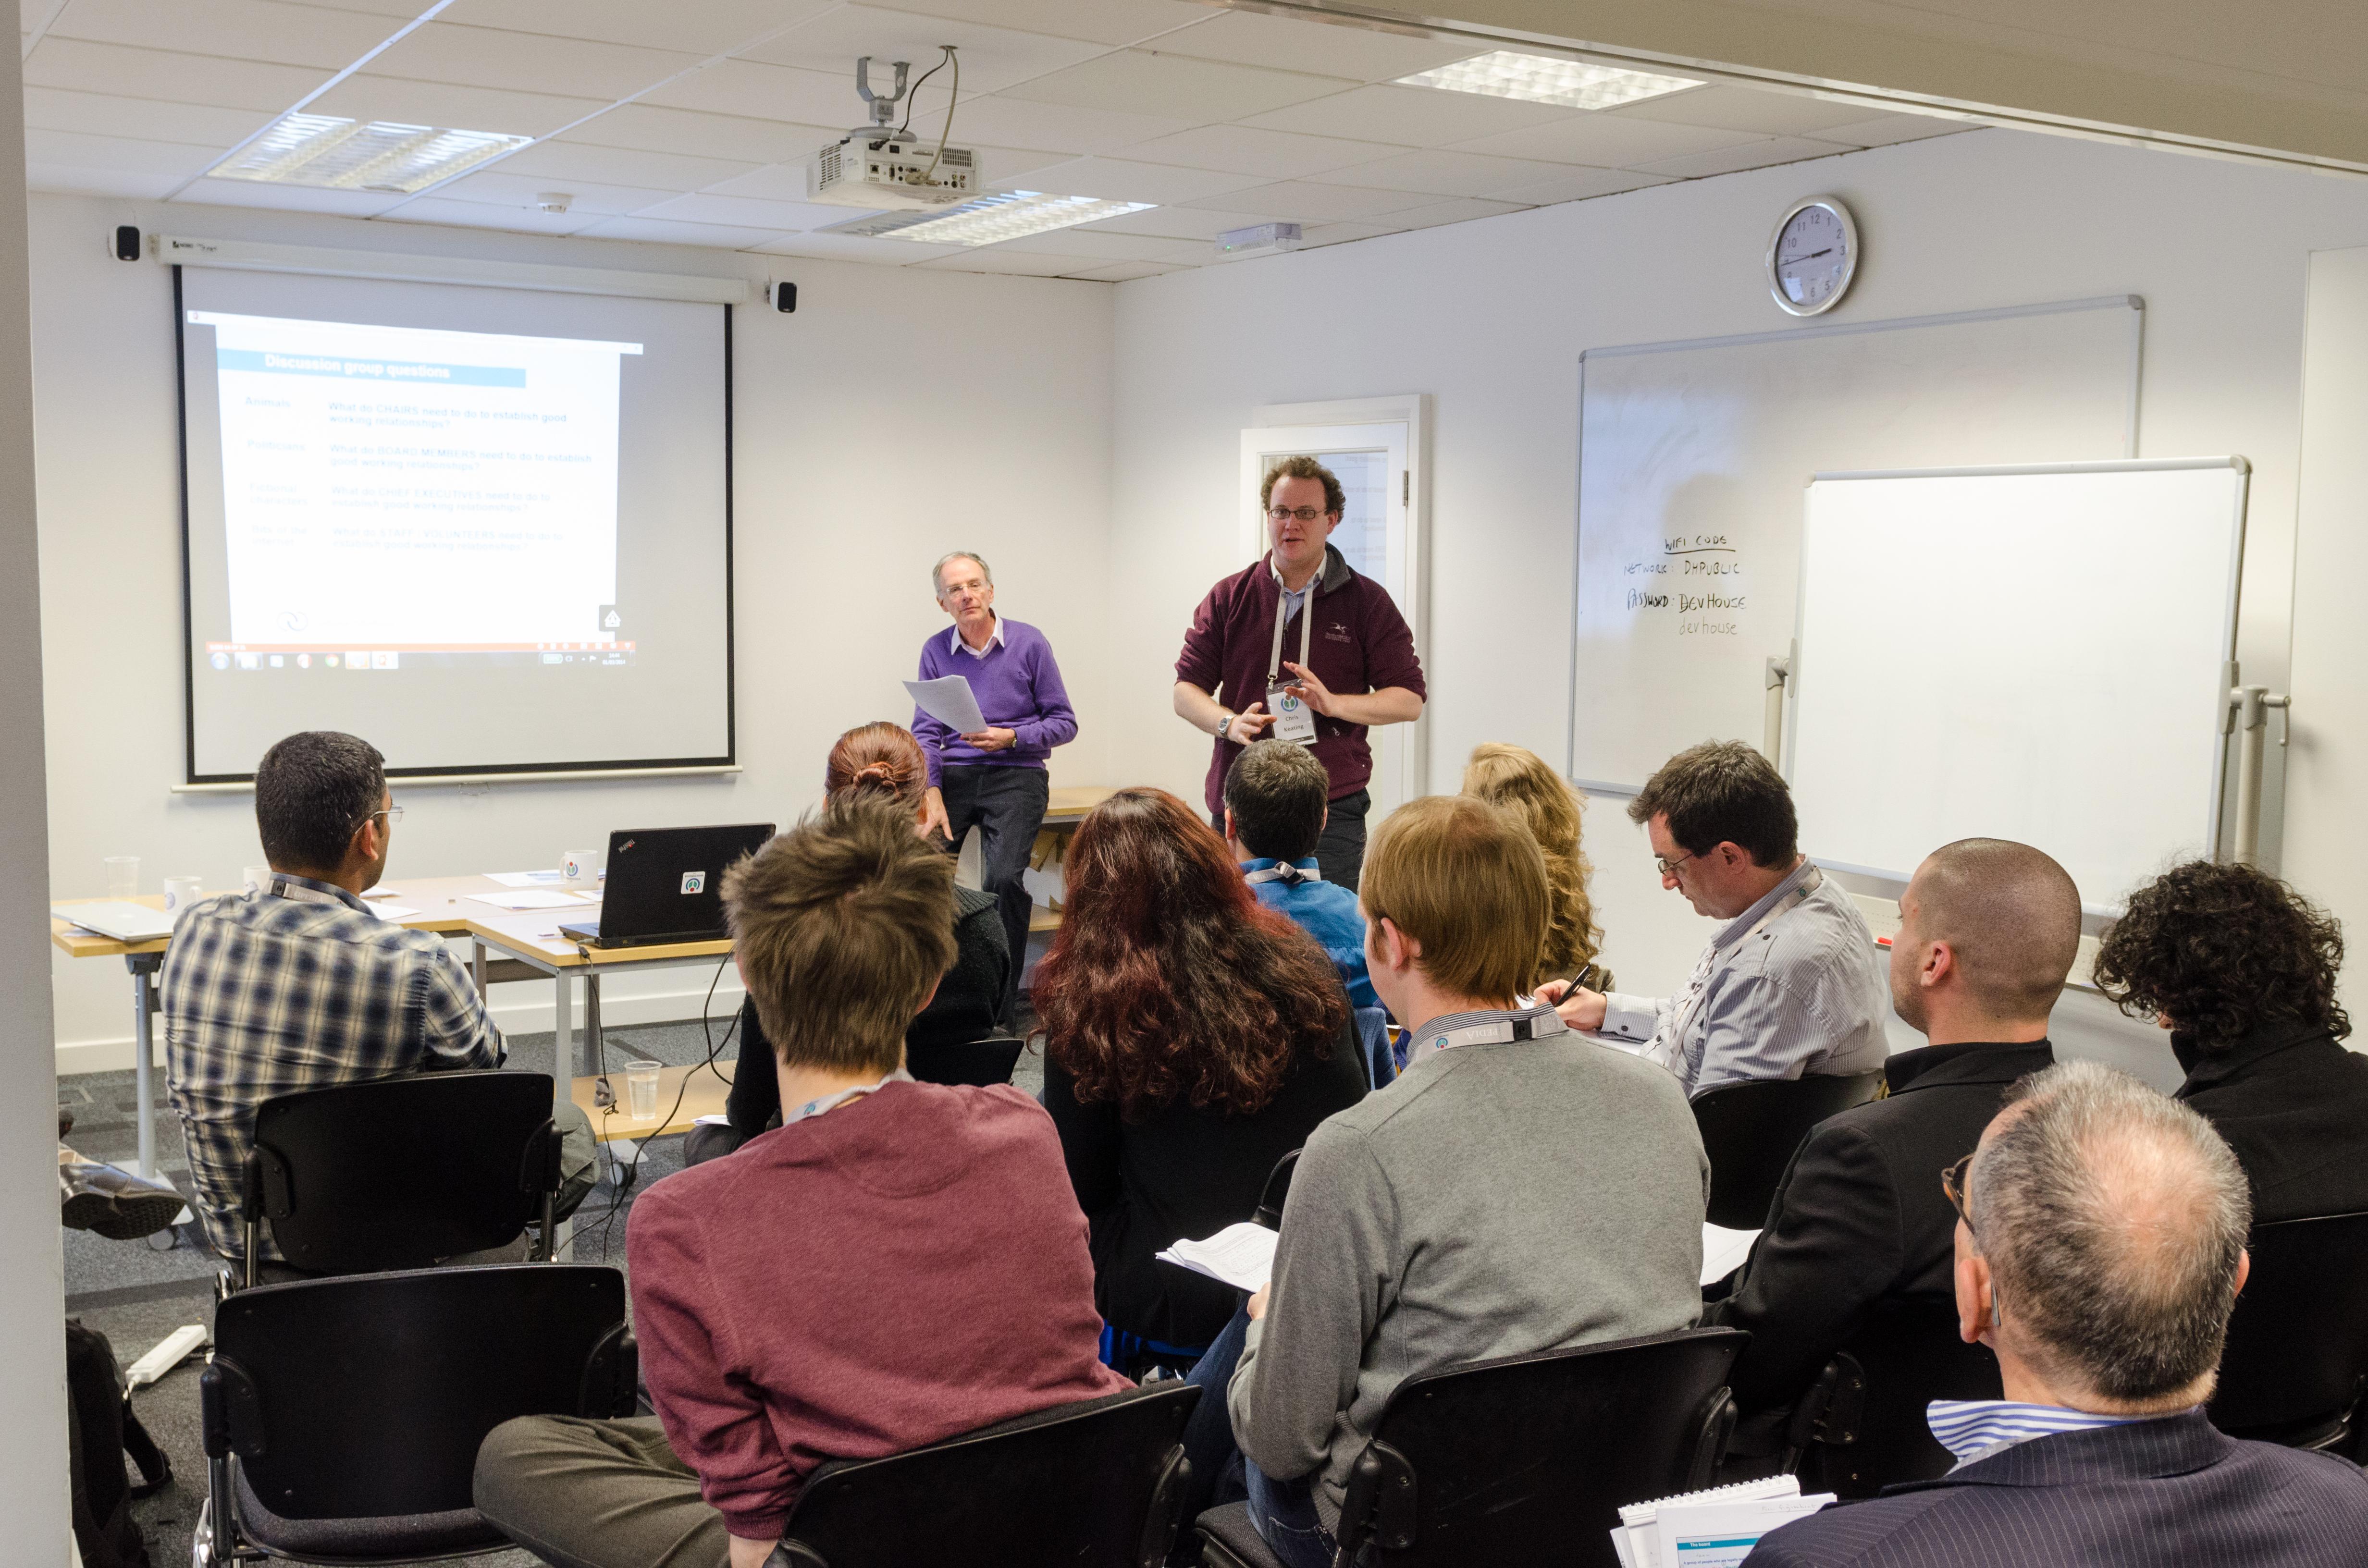 File:Wikimedia boards training workshop March 2014 01.jpg ...